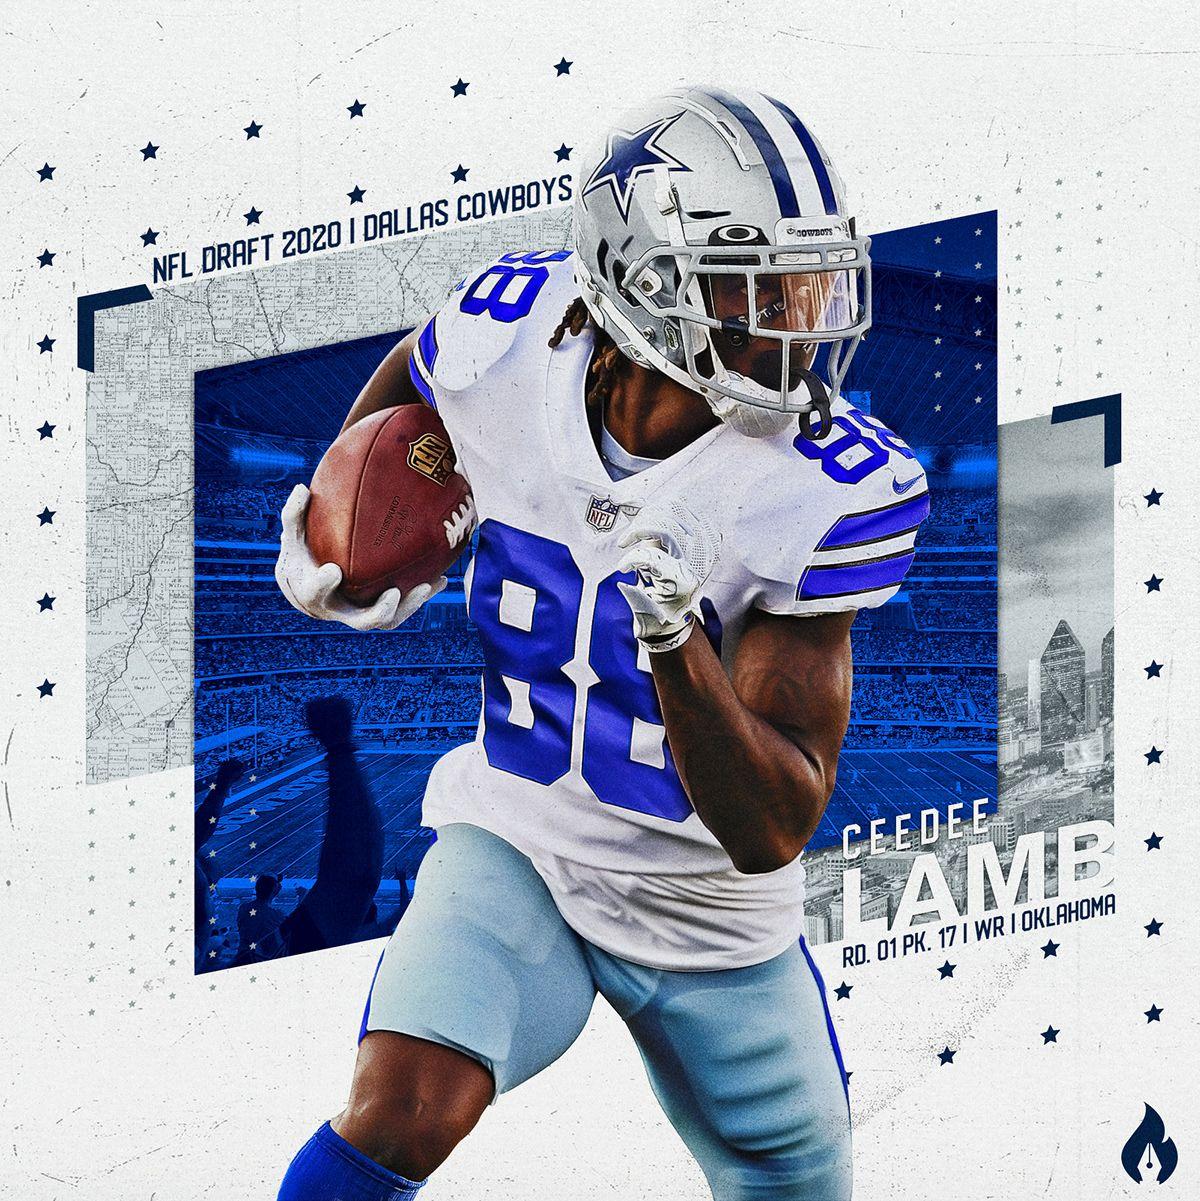 Ceedee Lamb Dallas Cowboys Jersey Swap On Behance In 2020 Dallas Cowboys Jersey Dallas Cowboys Dallas Cowboys Images